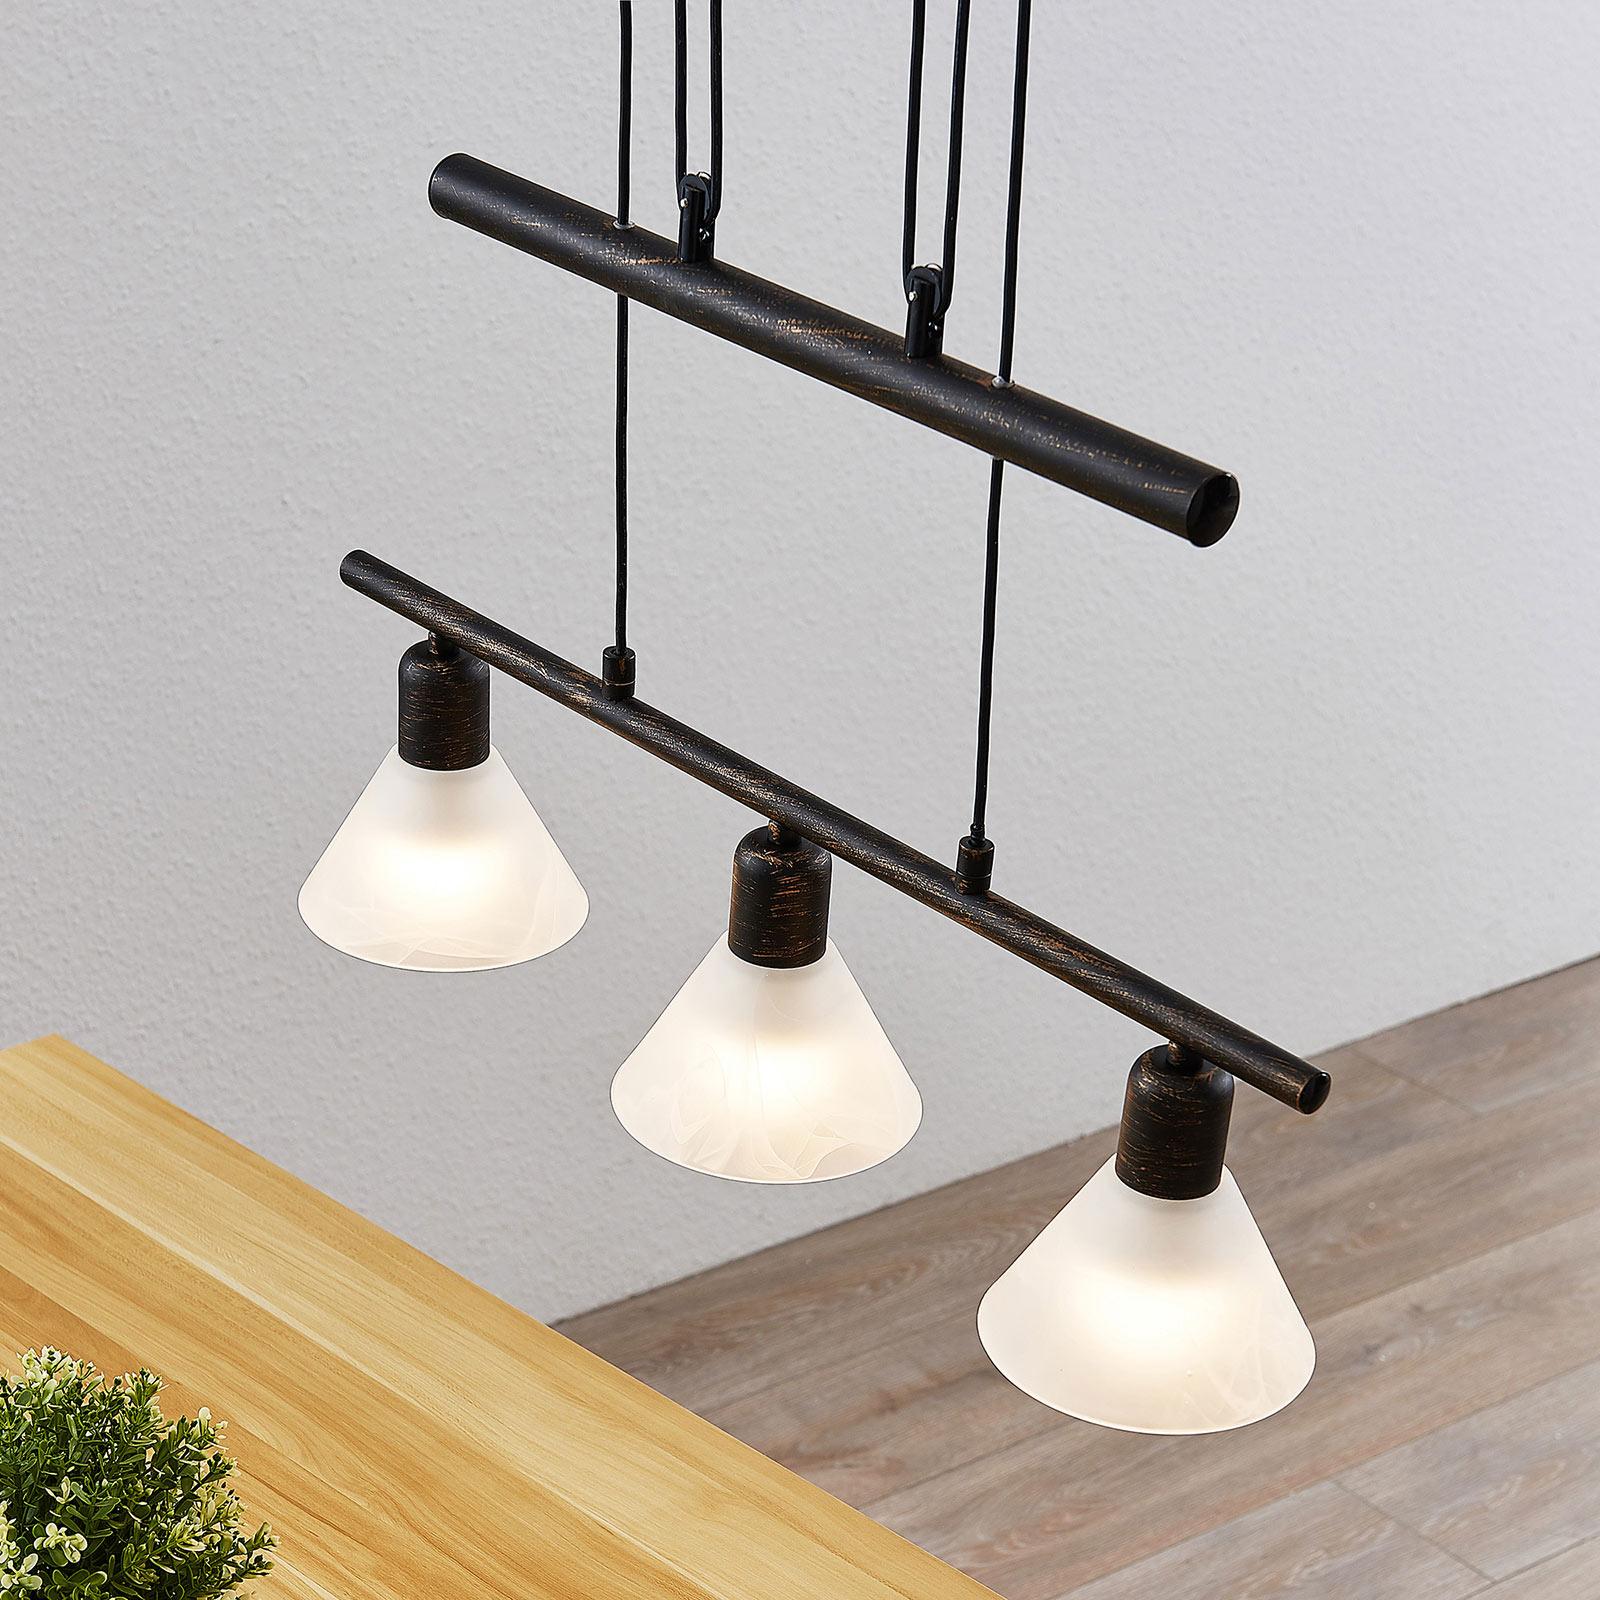 In ho verstelbare hanglamp Delira, 3 lampjes zwart